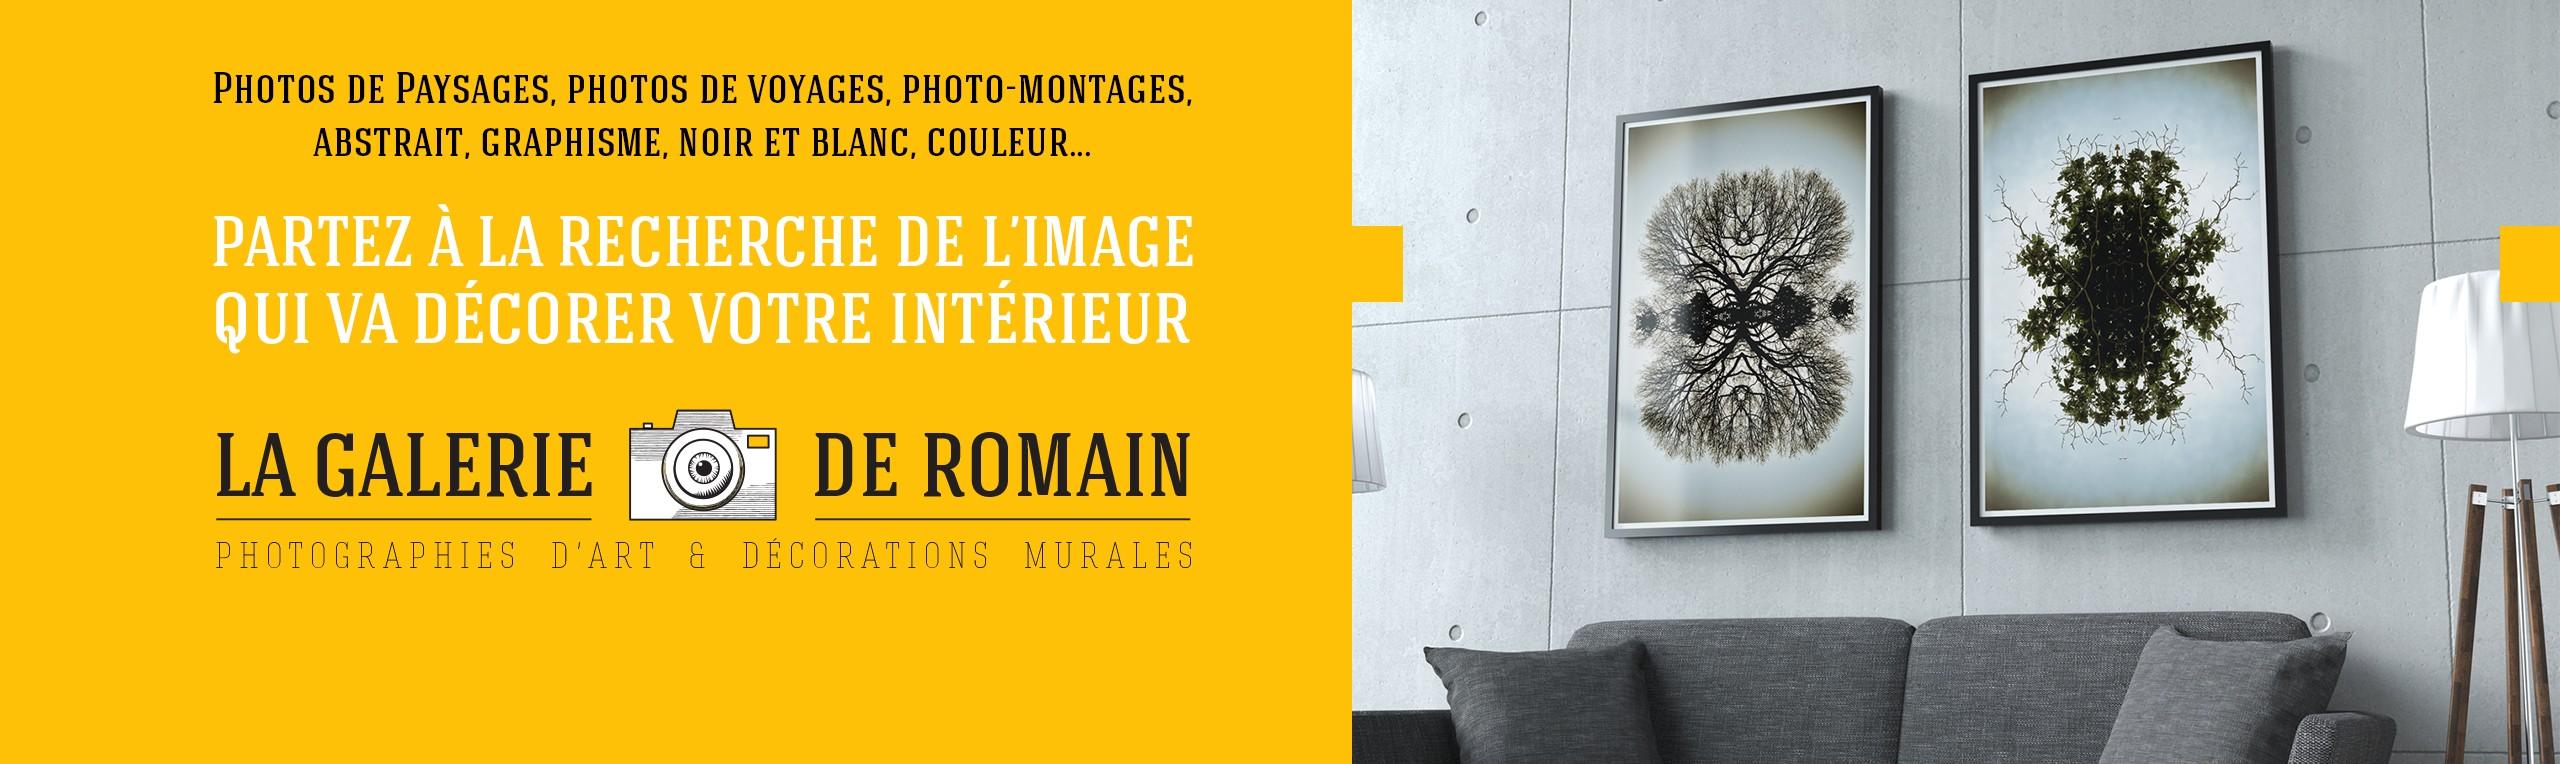 Photos de Paysages, photos de voyages, photo-montages, abstrait, graphisme, noir et blanc, couleur... Partez à la recherche de l'image qui va décorer votre intérieur